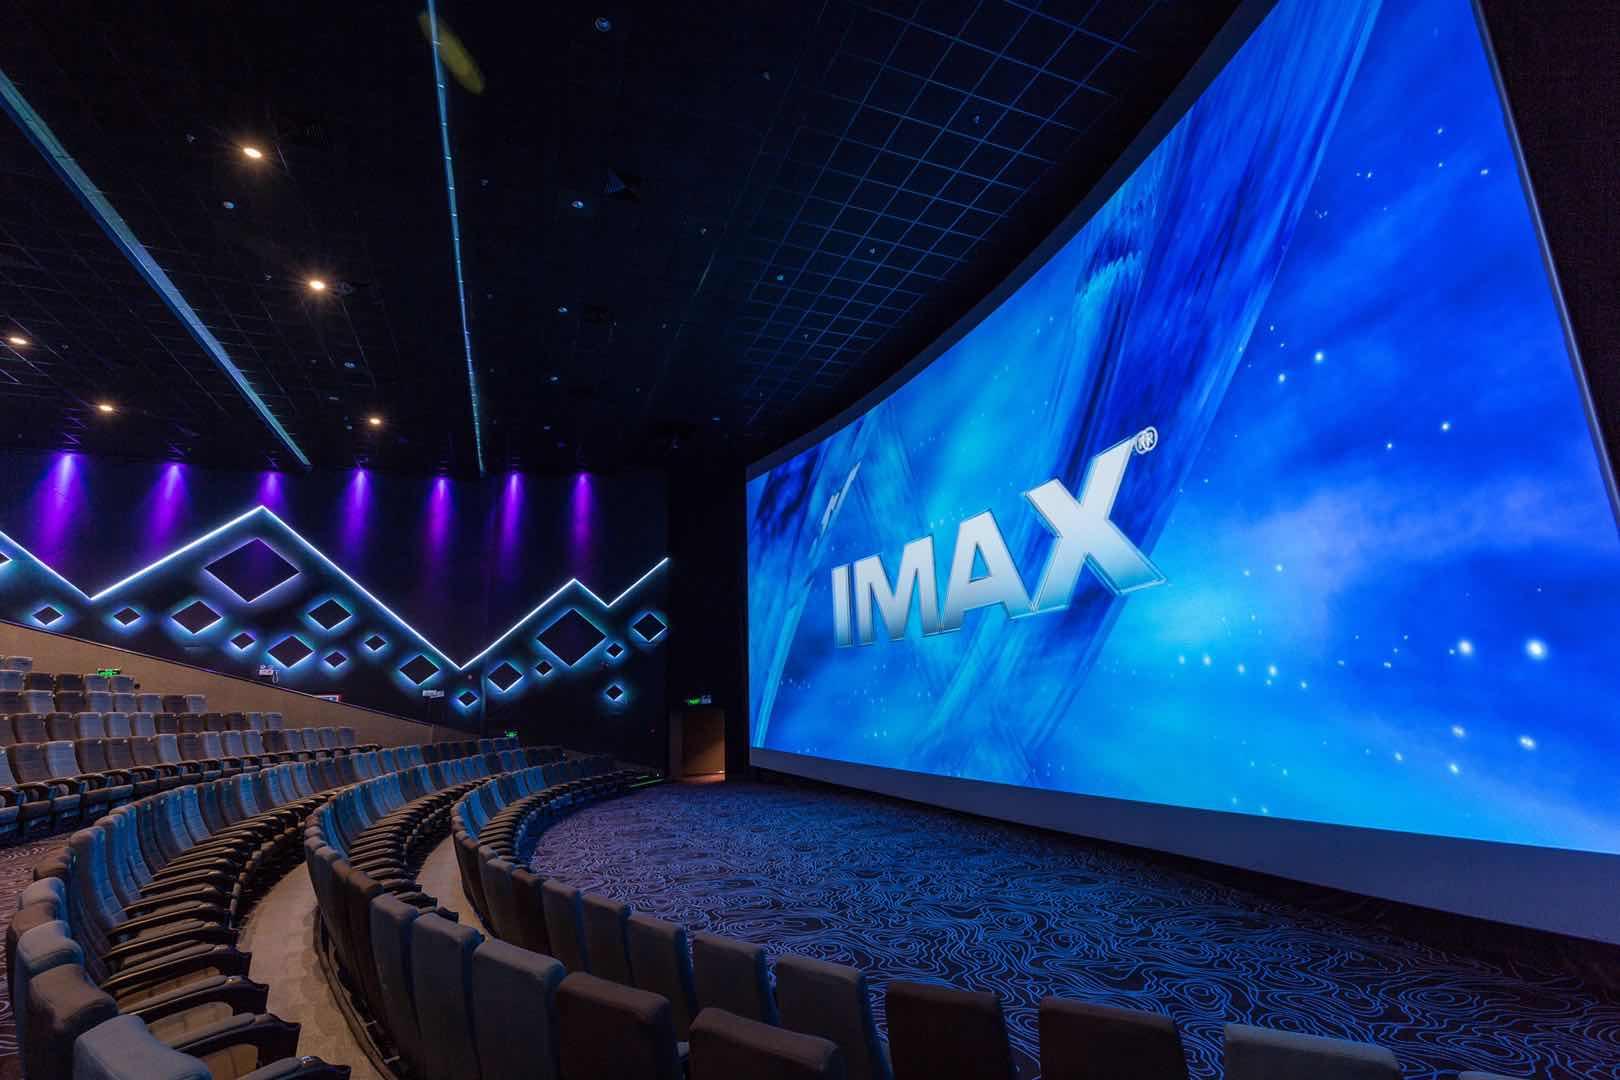 IMAX CHINA 公布2019 全年财务业绩